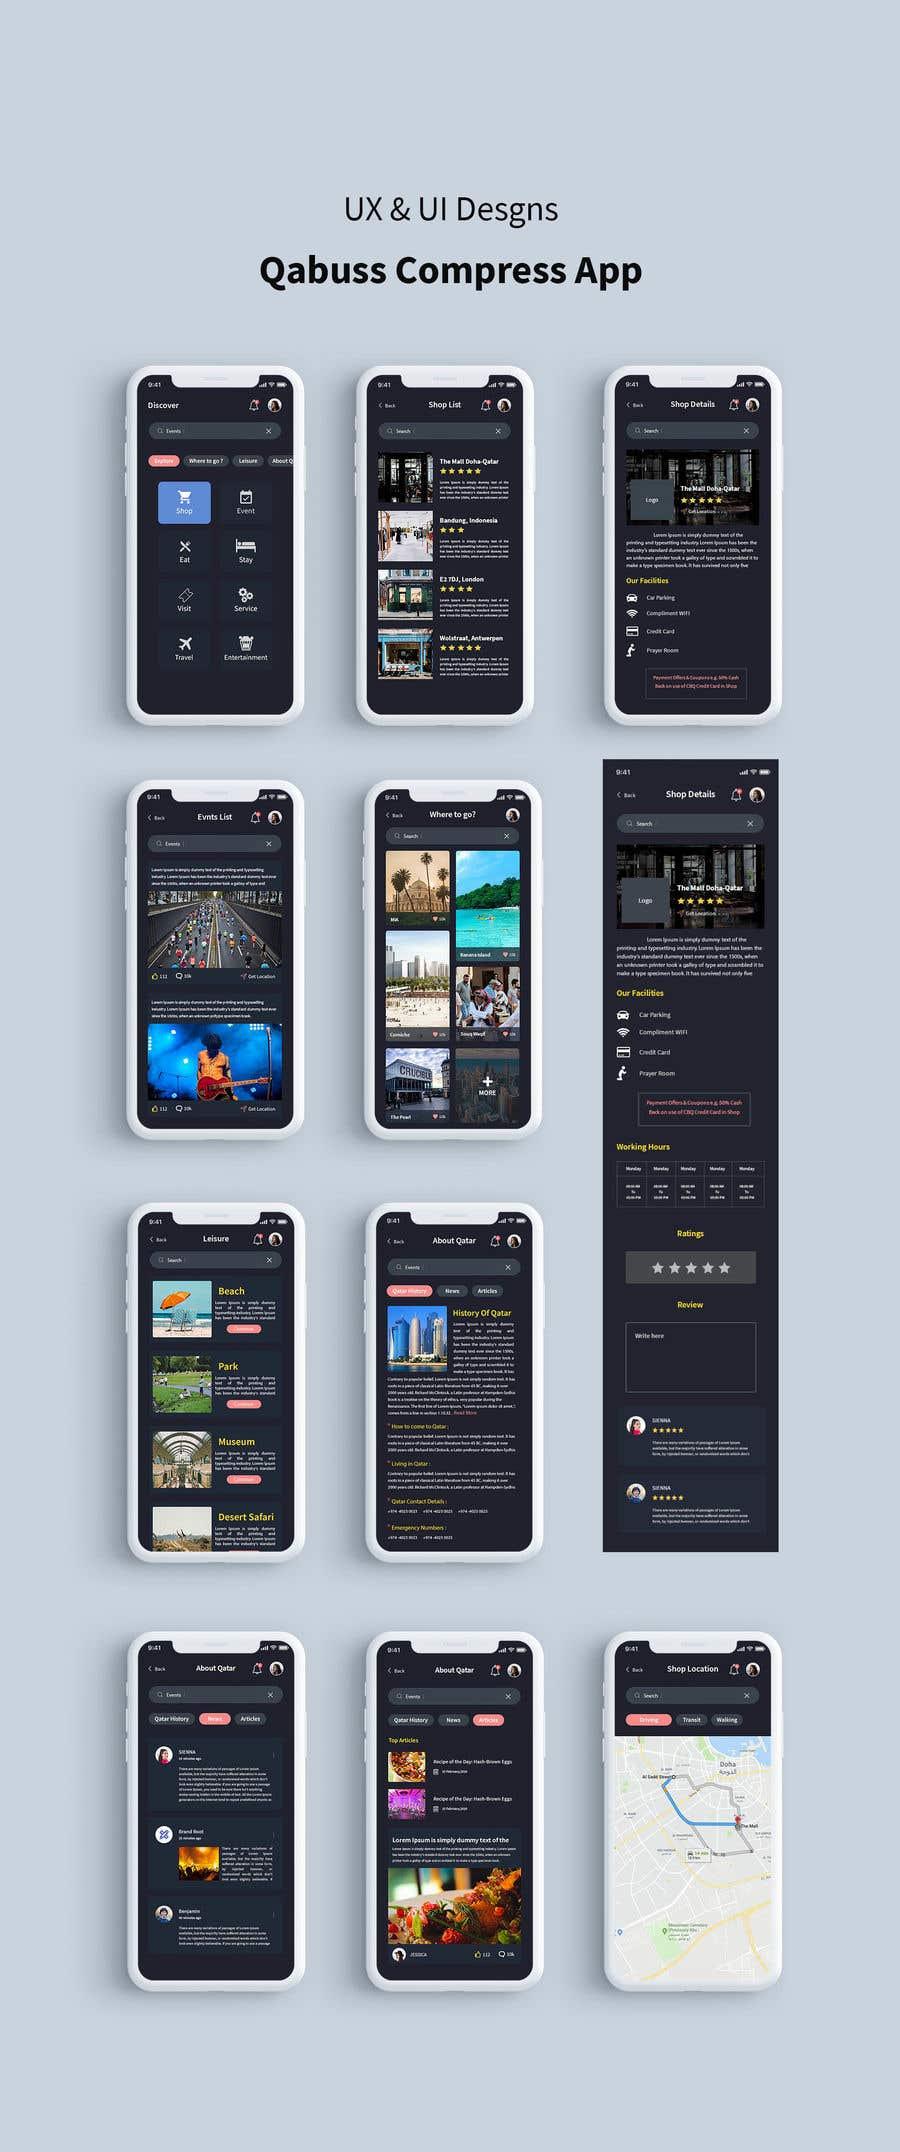 Konkurrenceindlæg #44 for Ui Ux Design for a Mobile App